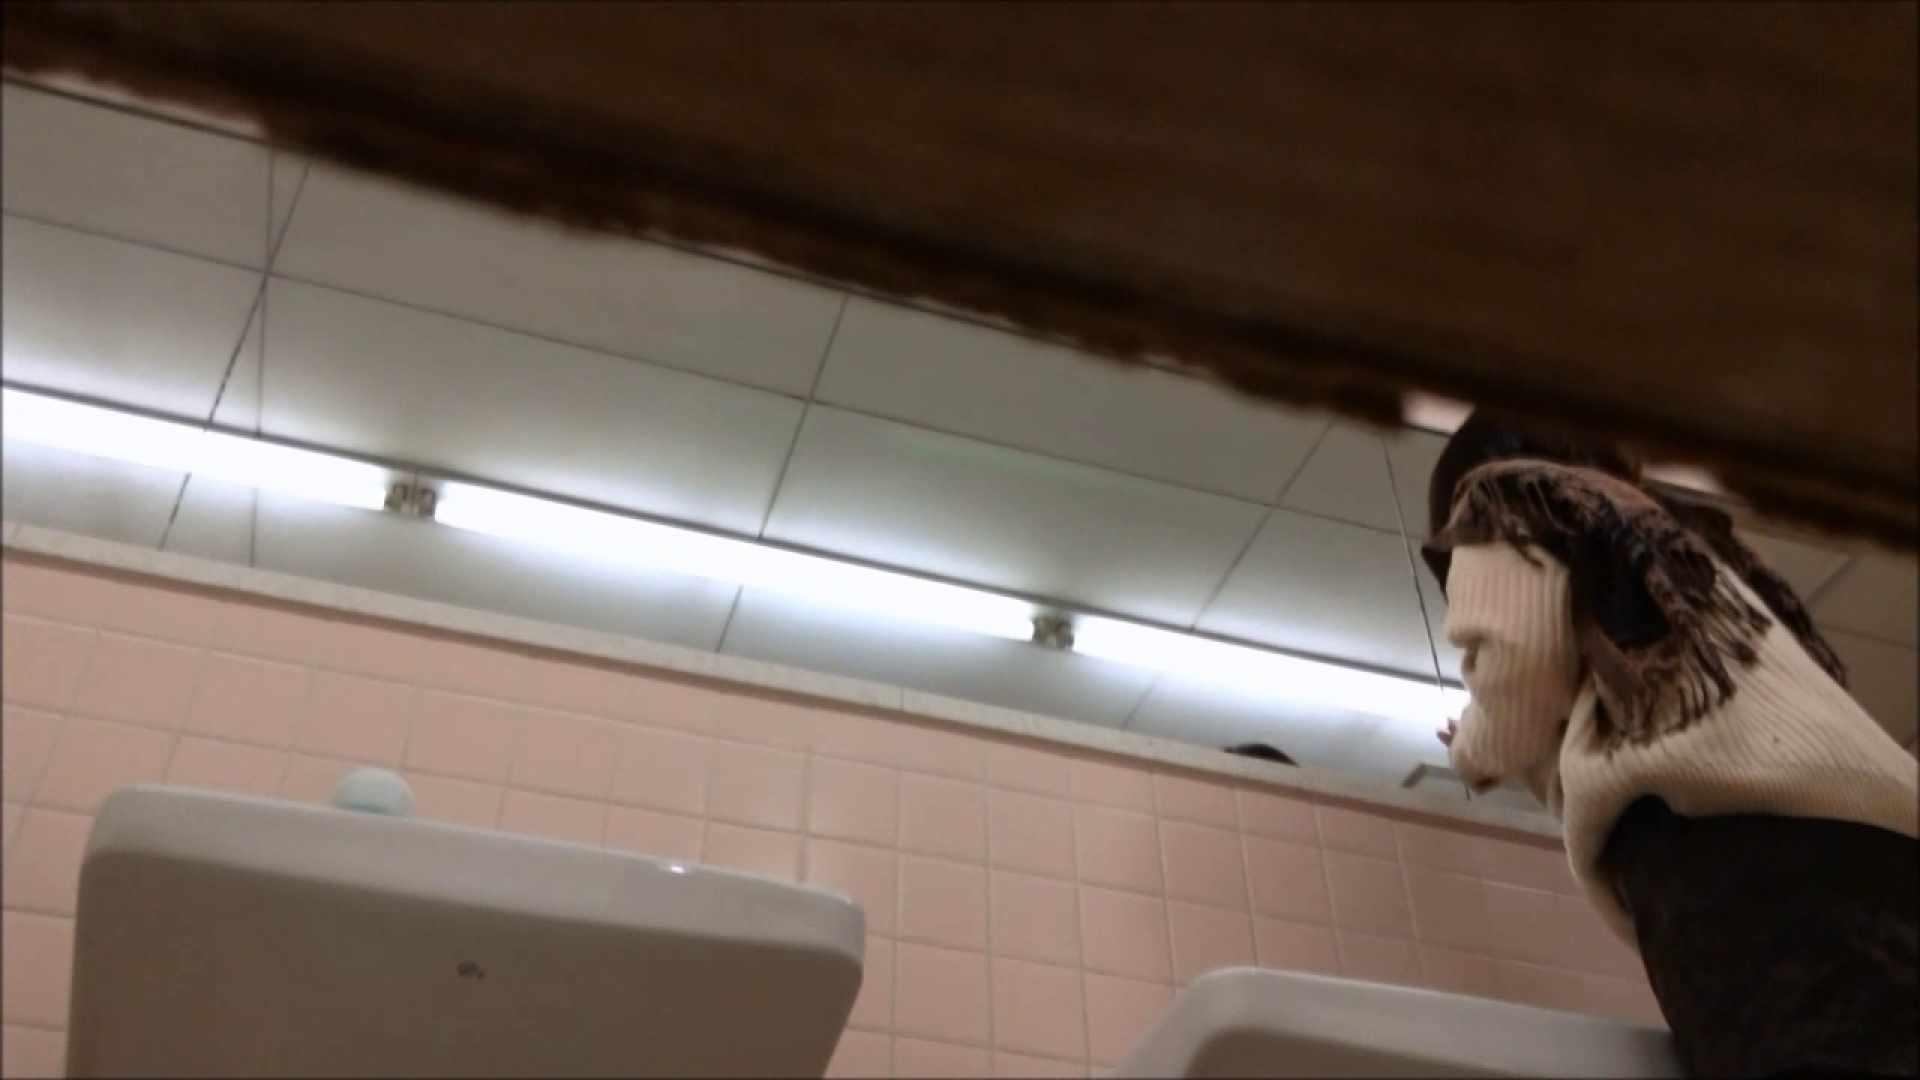 某有名大学女性洗面所 vol.11 和式便所 エロ画像 99枚 25